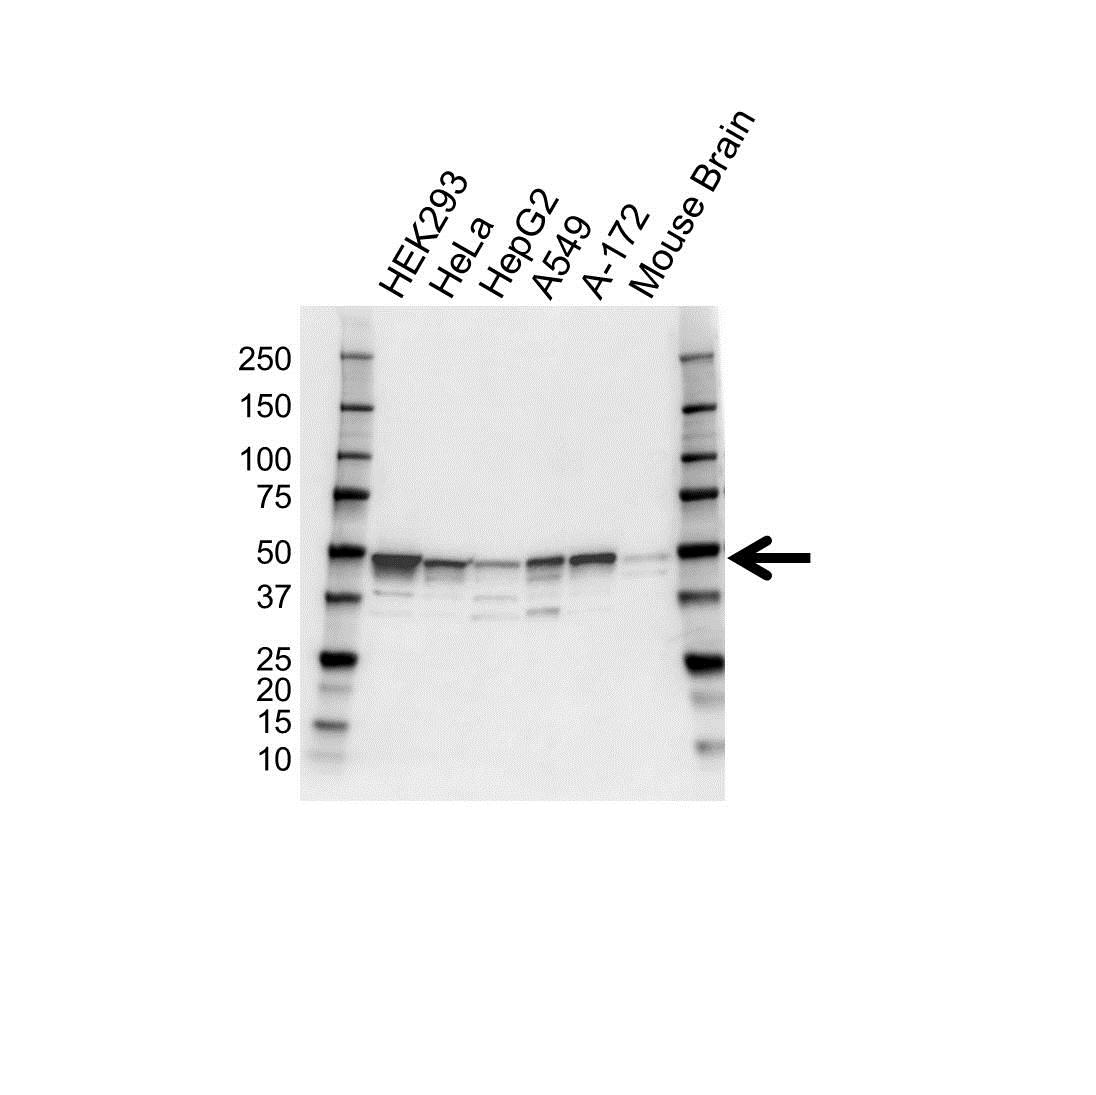 Anti FLOTILLIN-2 Antibody (PrecisionAb™ Polyclonal Antibody) gallery image 1